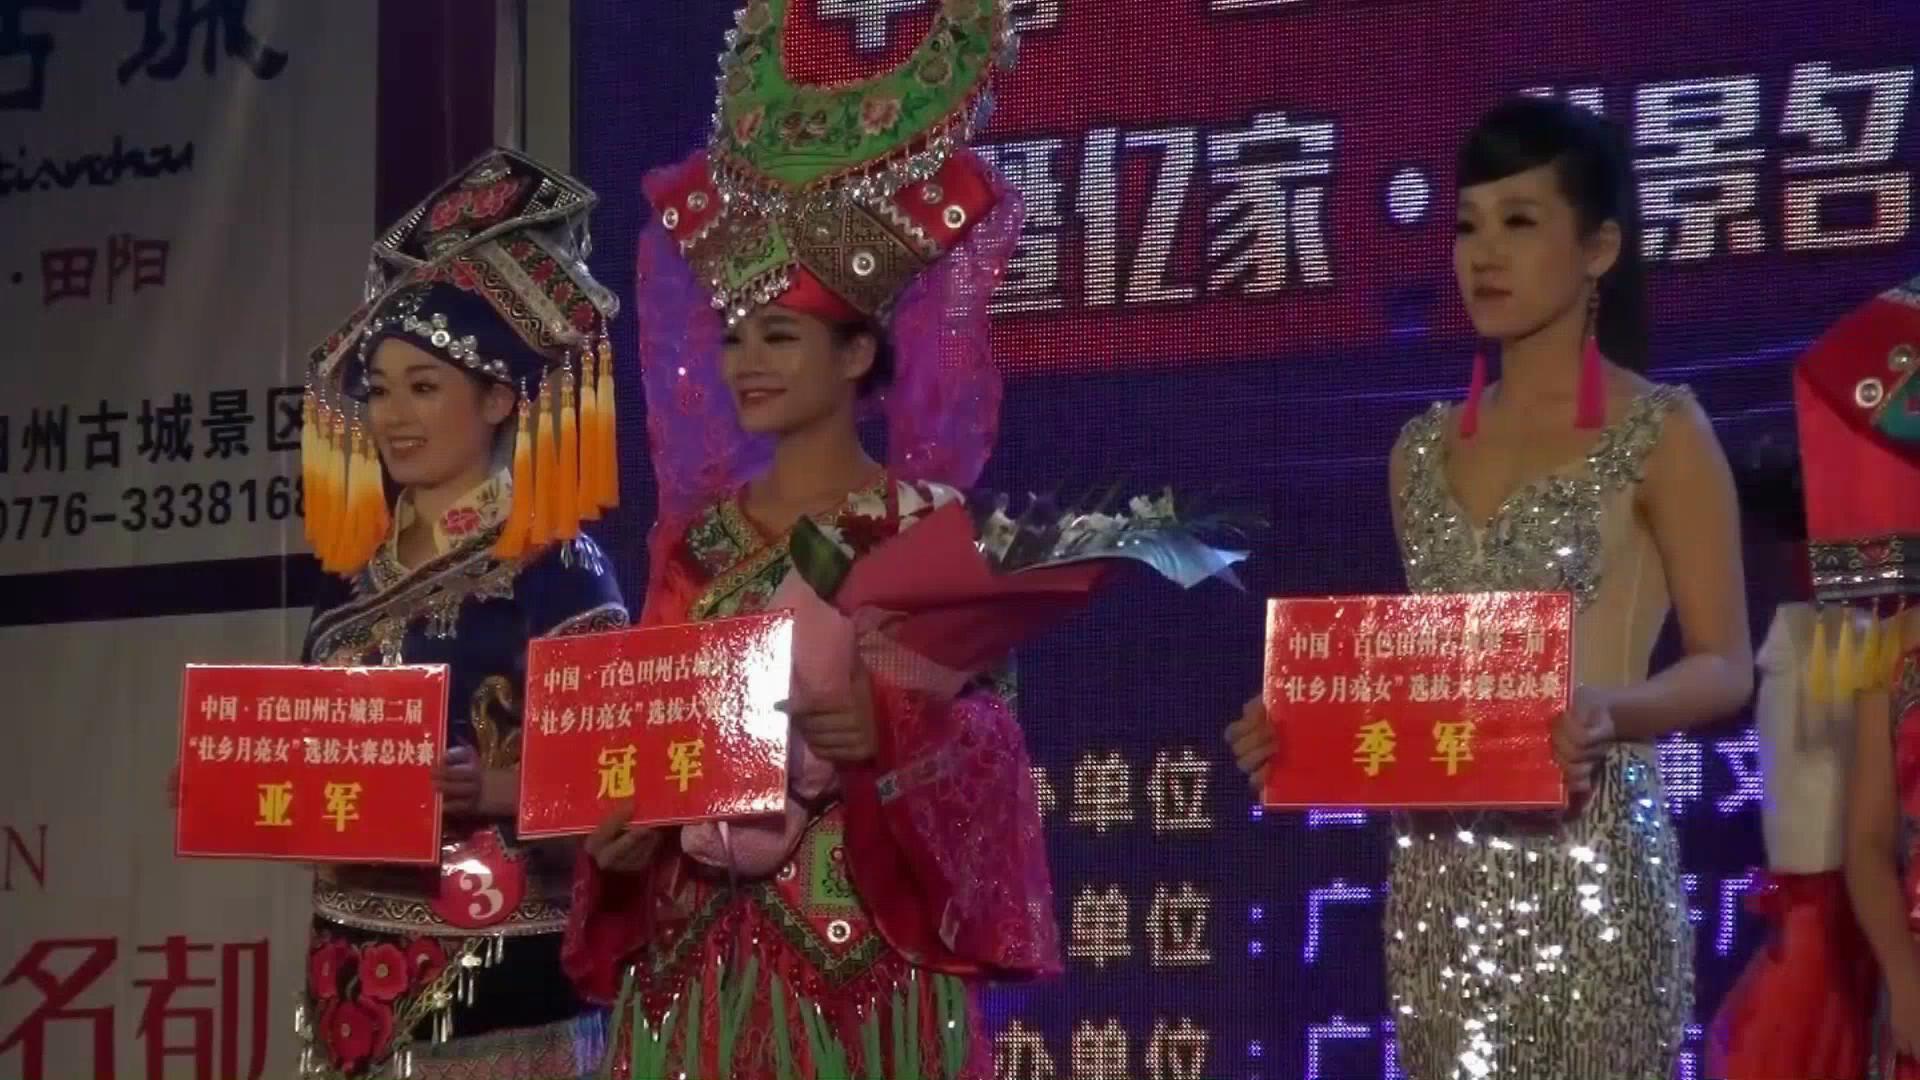 """中国•百色第三届""""壮乡月亮女""""选拔大赛开始报名啦"""